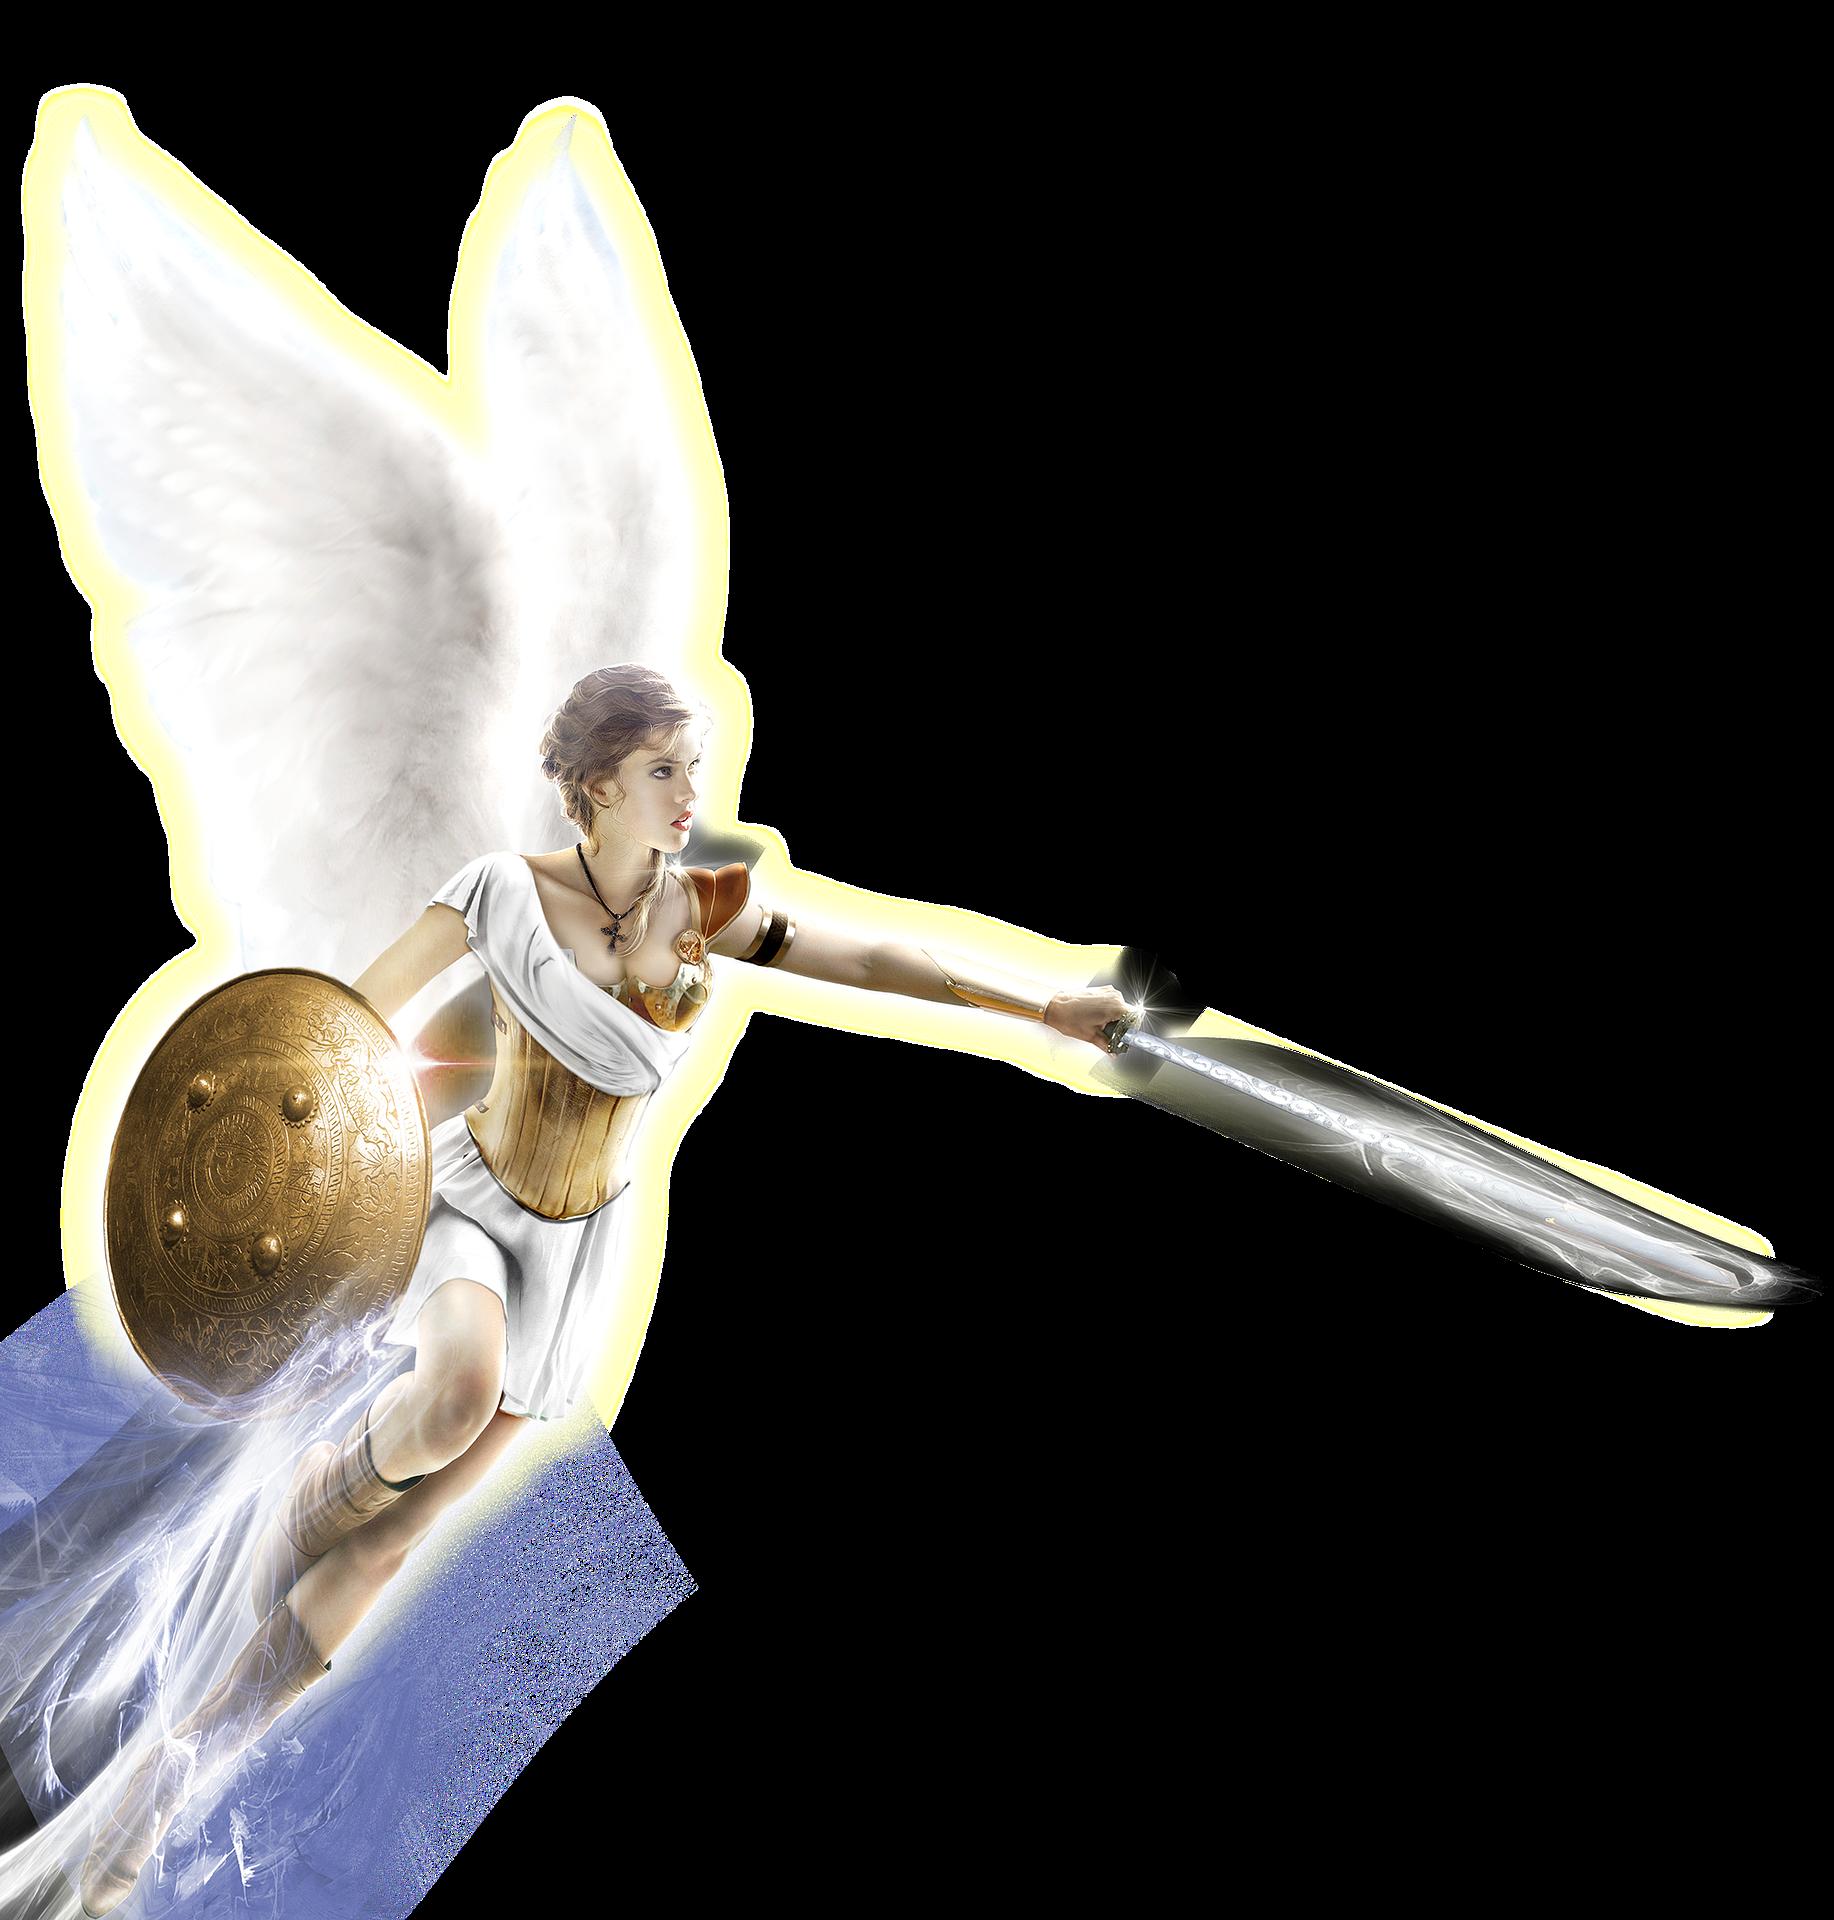 Unione - Arcangelo